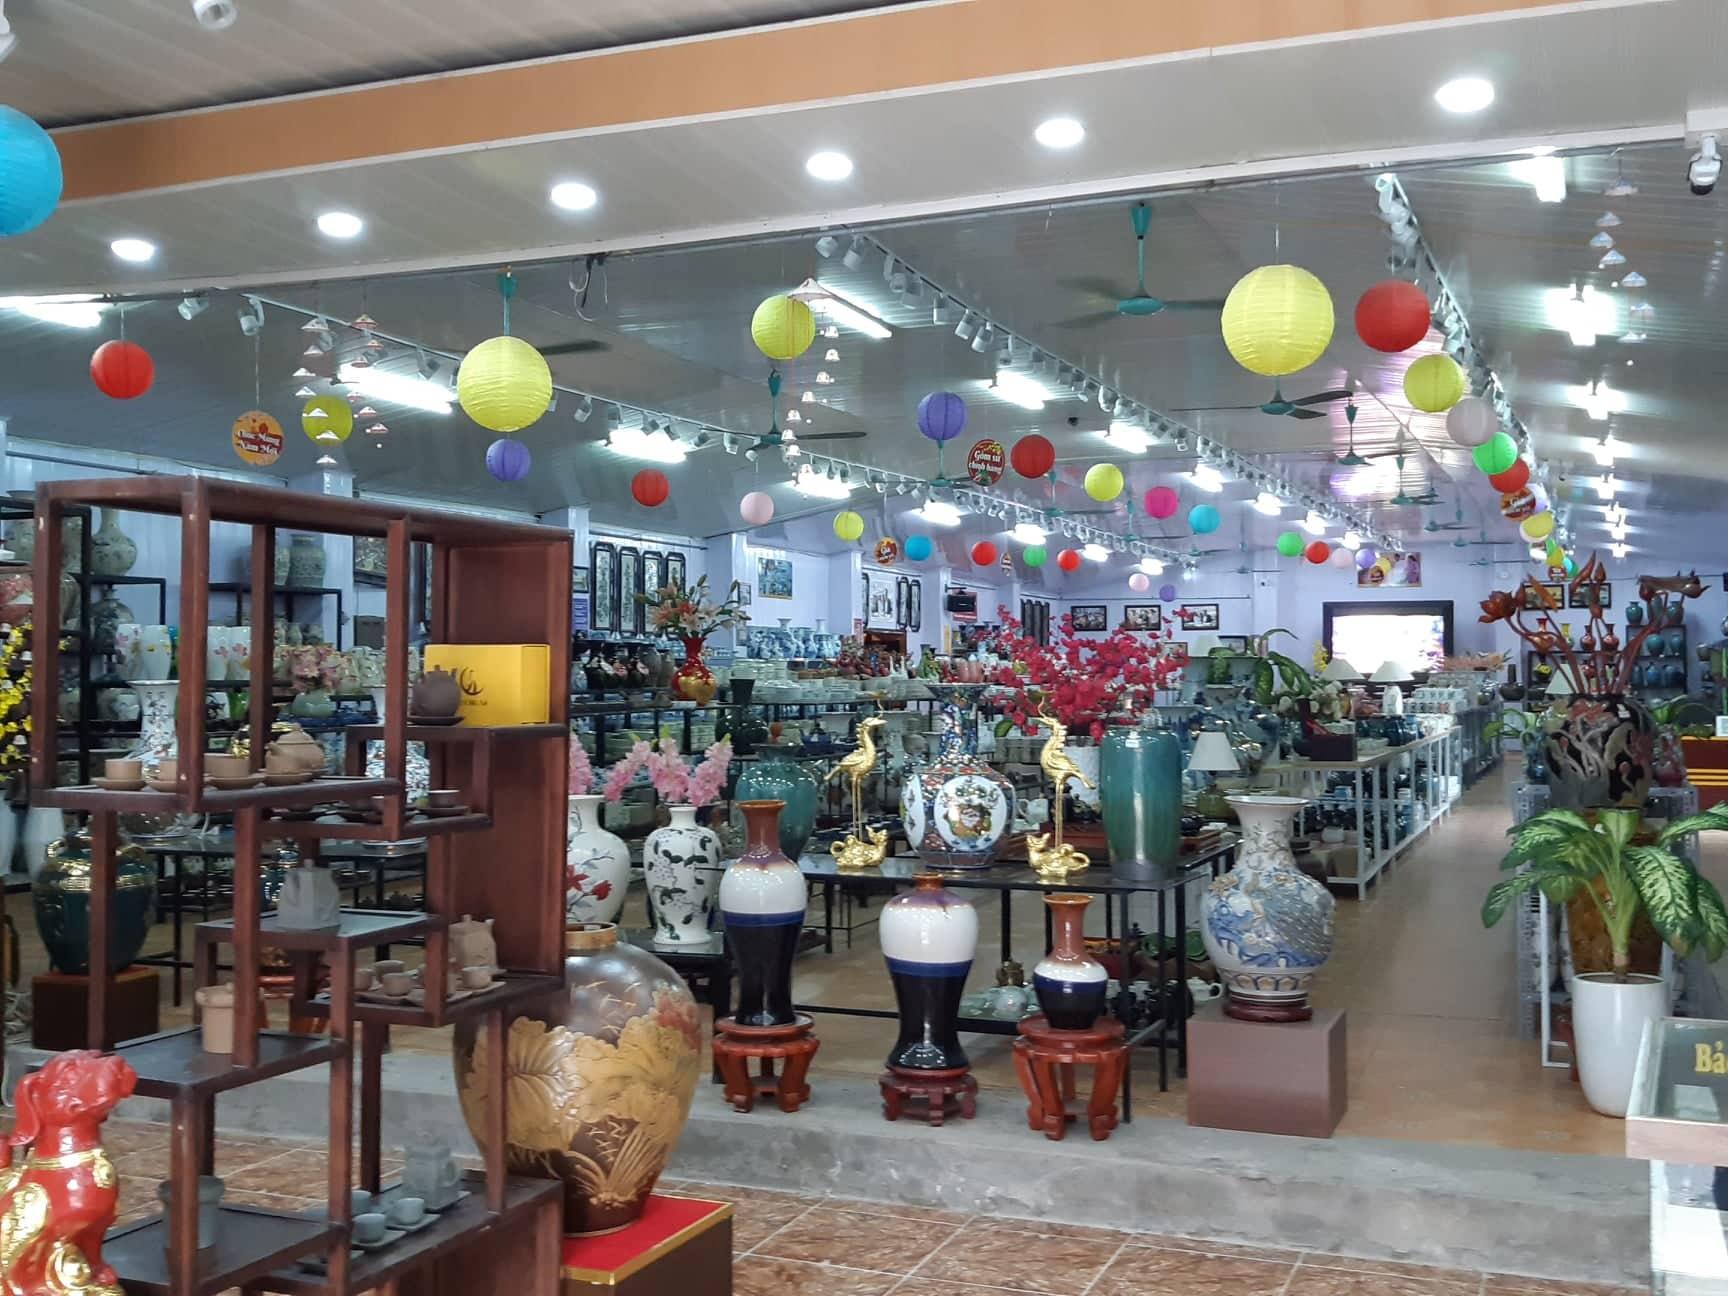 Bát Tràng chính thức trở thành điểm du lịch của Thủ đô, du khách có thể tới tham quan vào ban đêm - Ảnh 2